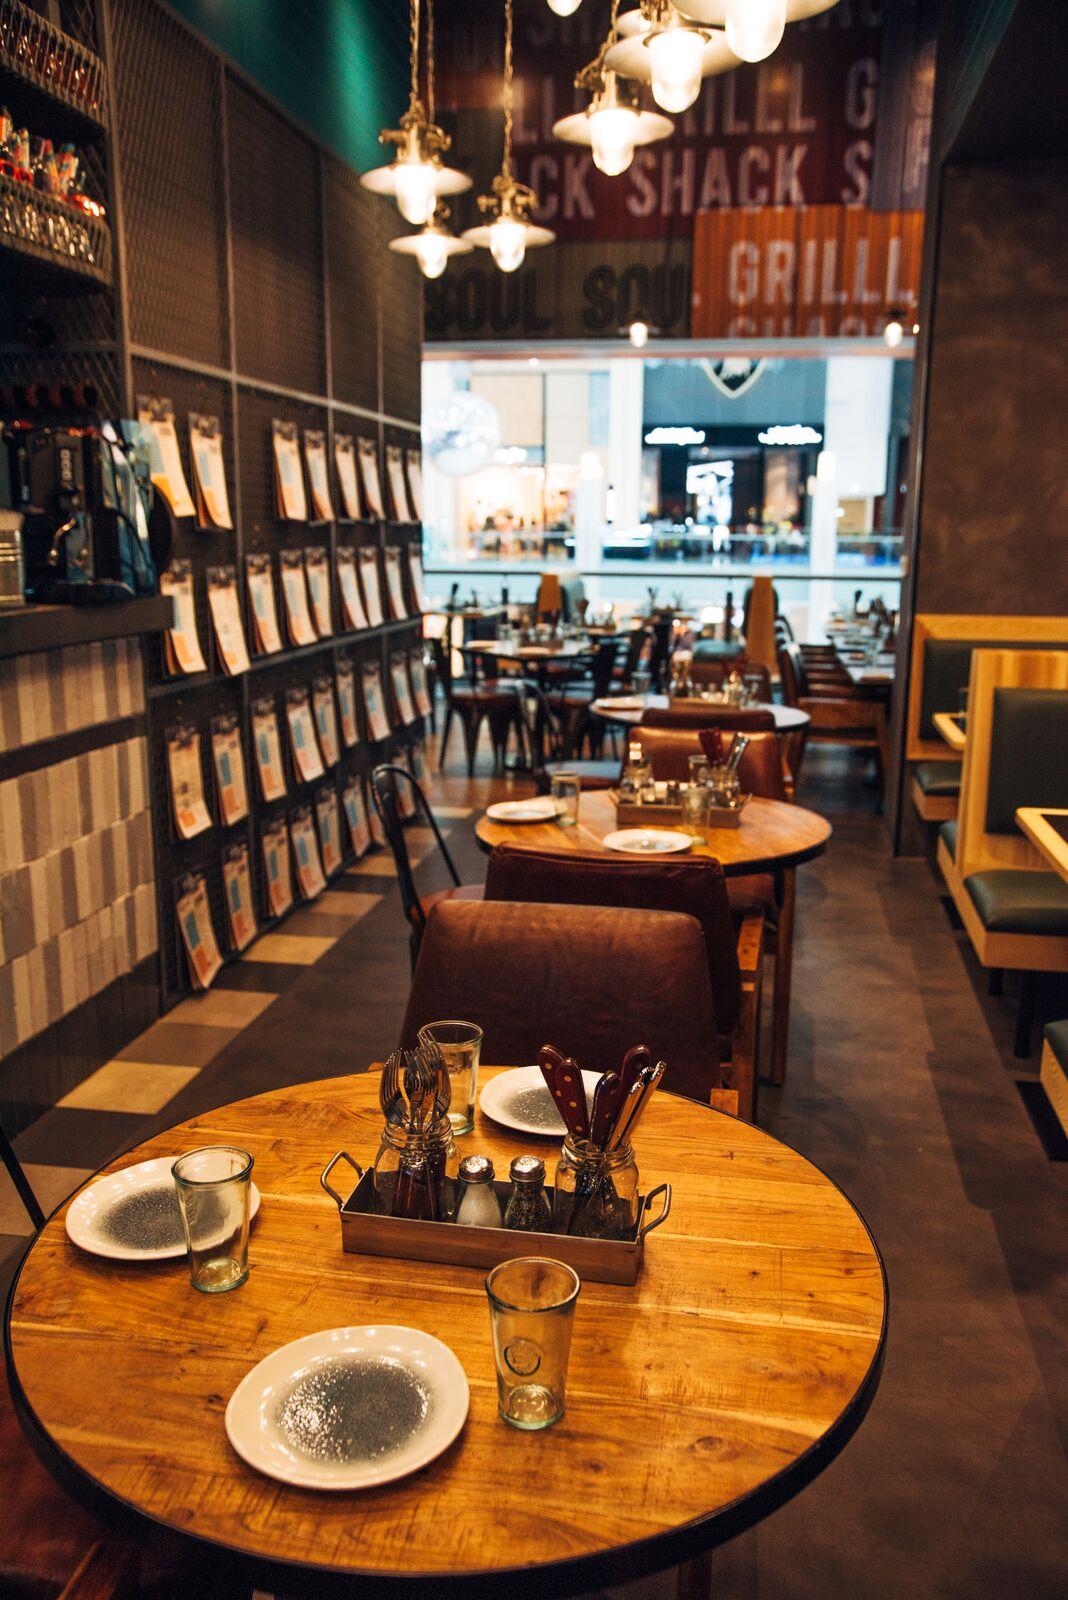 سلسلة المطاعم فود فاند إنترناشيونال تحتفل بحلول العيد الوطني الصيني 2019